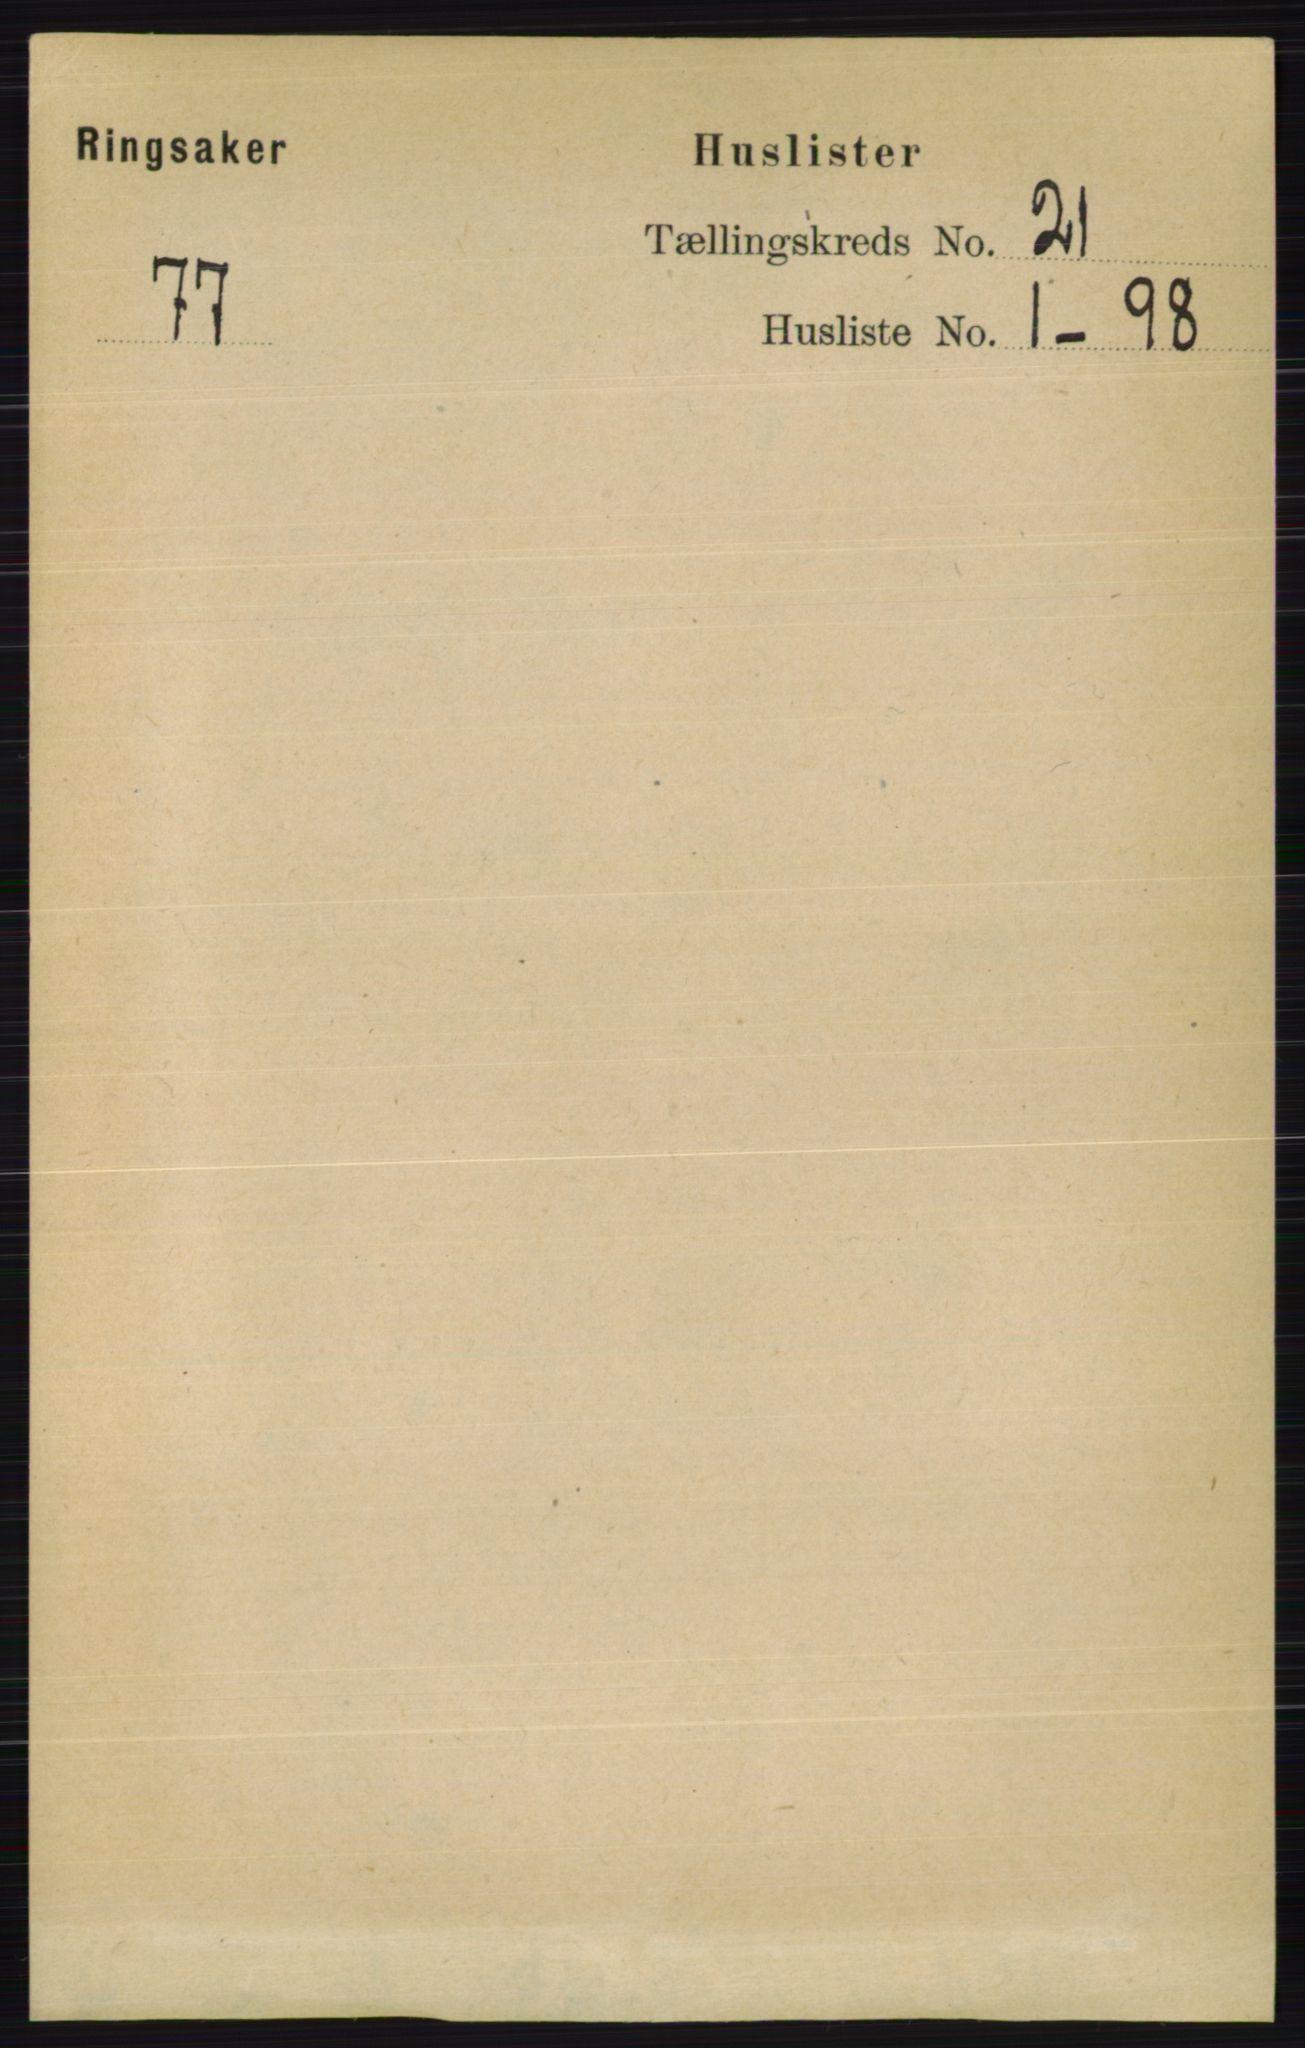 RA, Folketelling 1891 for 0412 Ringsaker herred, 1891, s. 11684